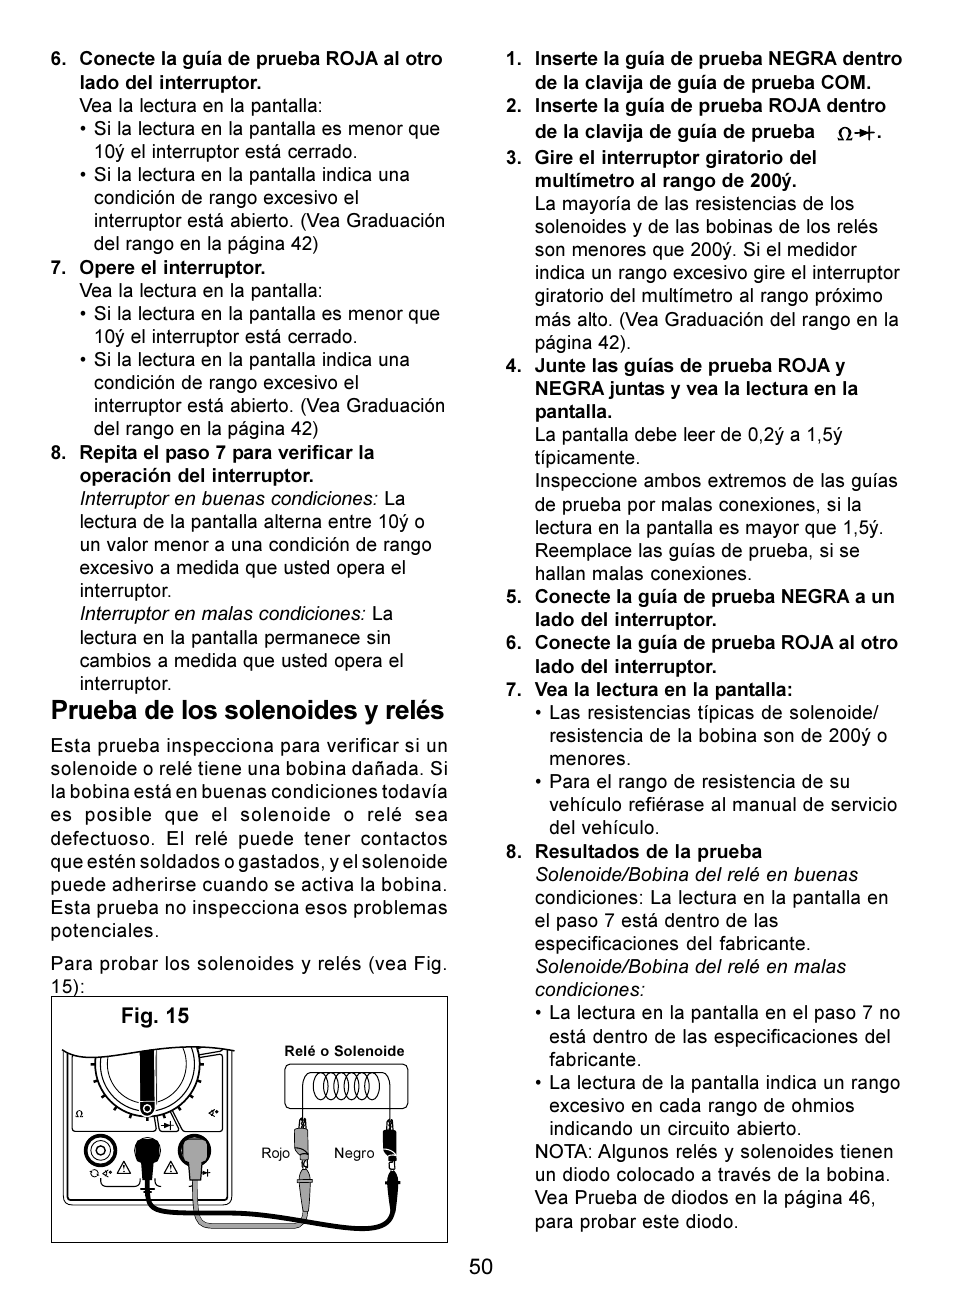 prueba de los solenoides y rel s fig 15 actron digital rh manualsdir com Profressional Actron Seriesmultimeter Actron Professional Series Voltmeter Manual